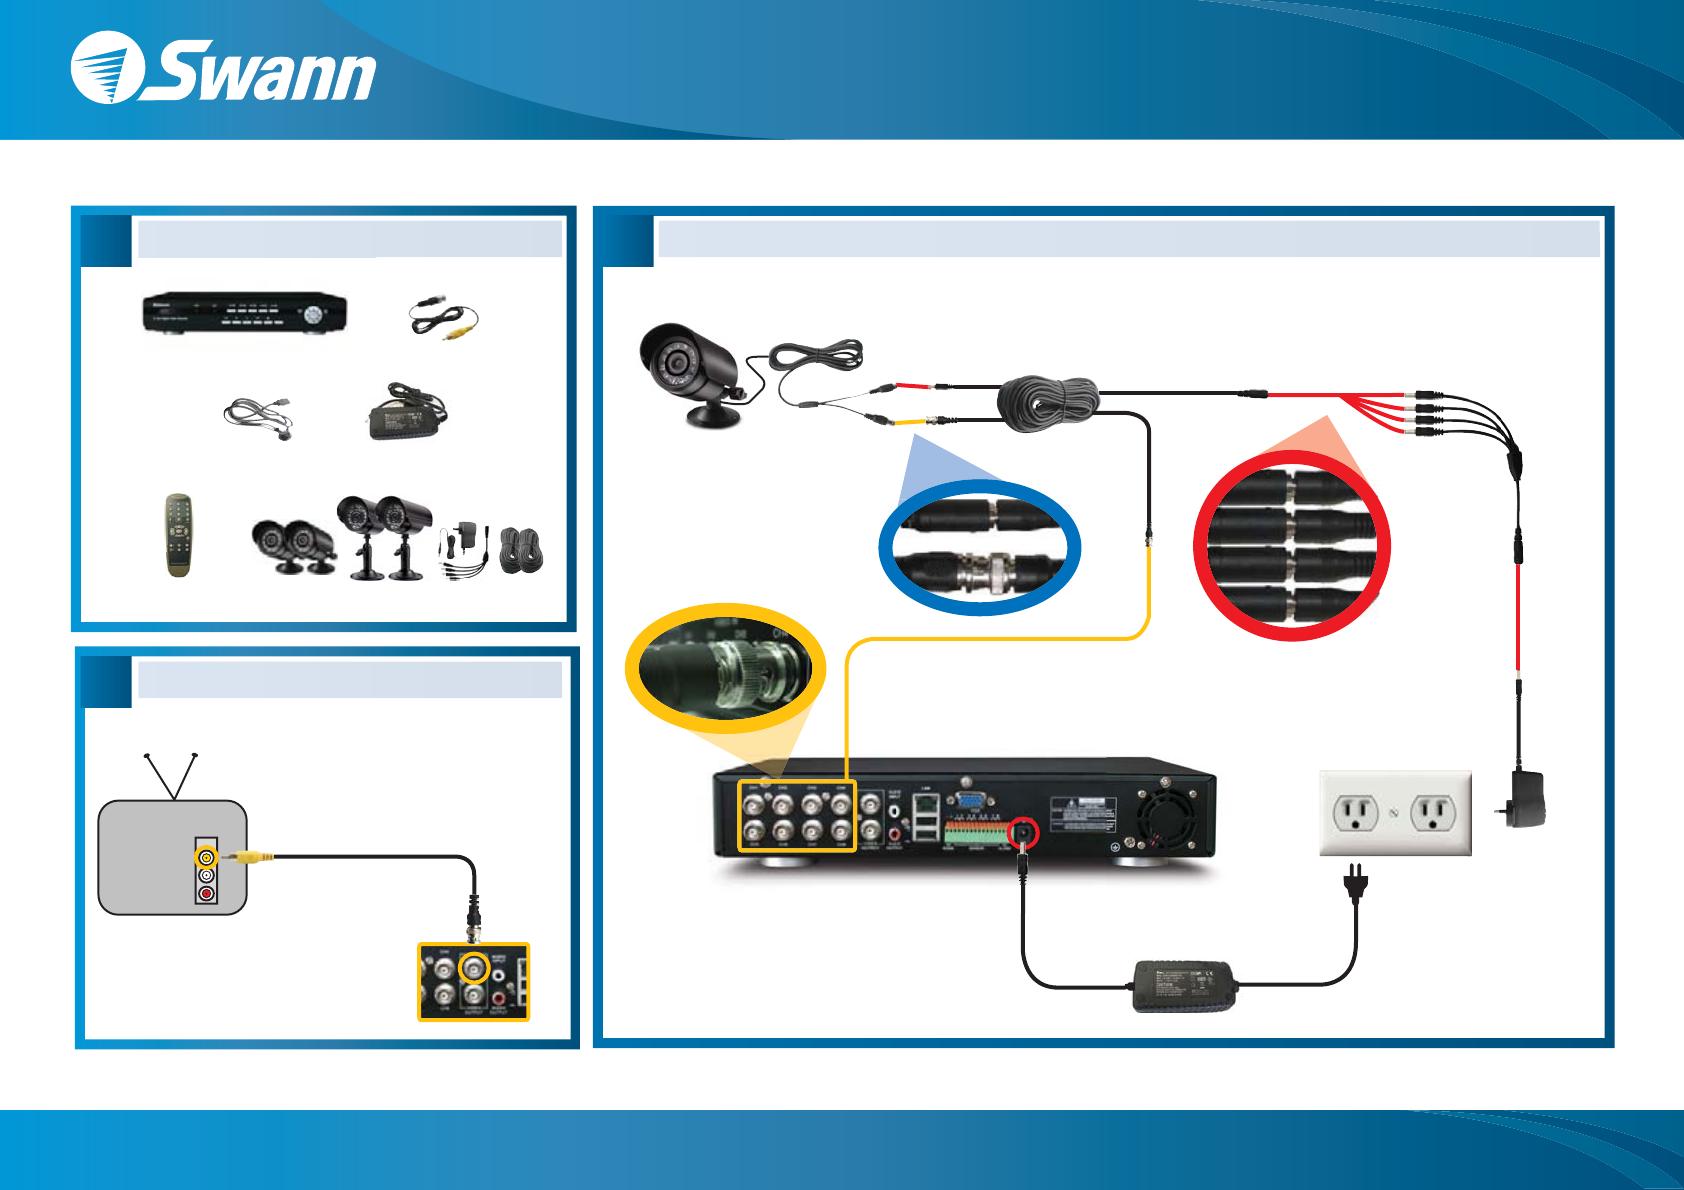 Swann DVR DVR8-2500 User Guide   ManualsOnline com